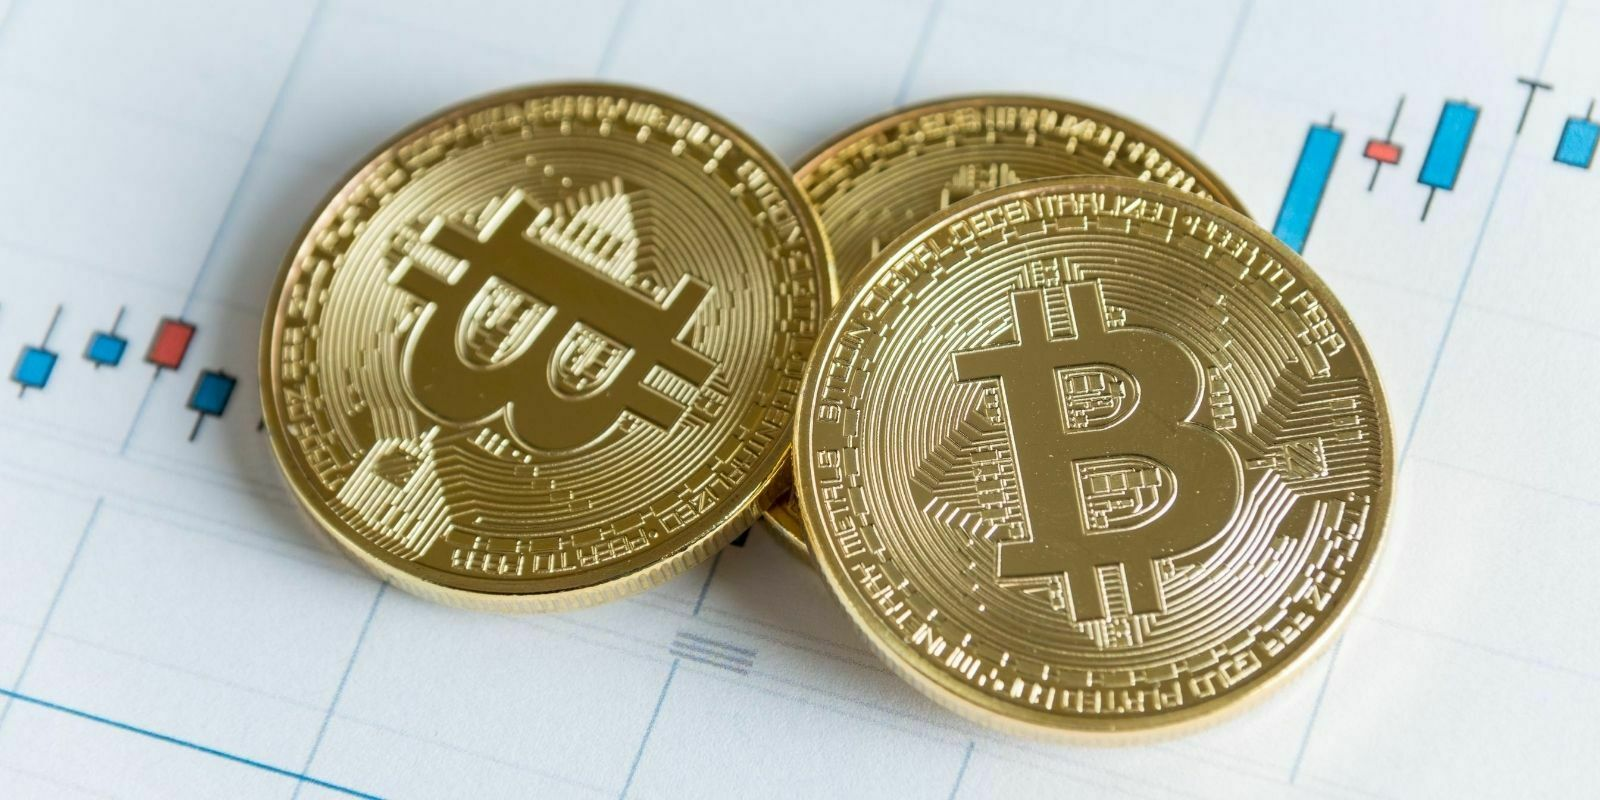 Le Bitcoin (BTC) consolide et rebondit jusqu'au niveau clé des 10 500$